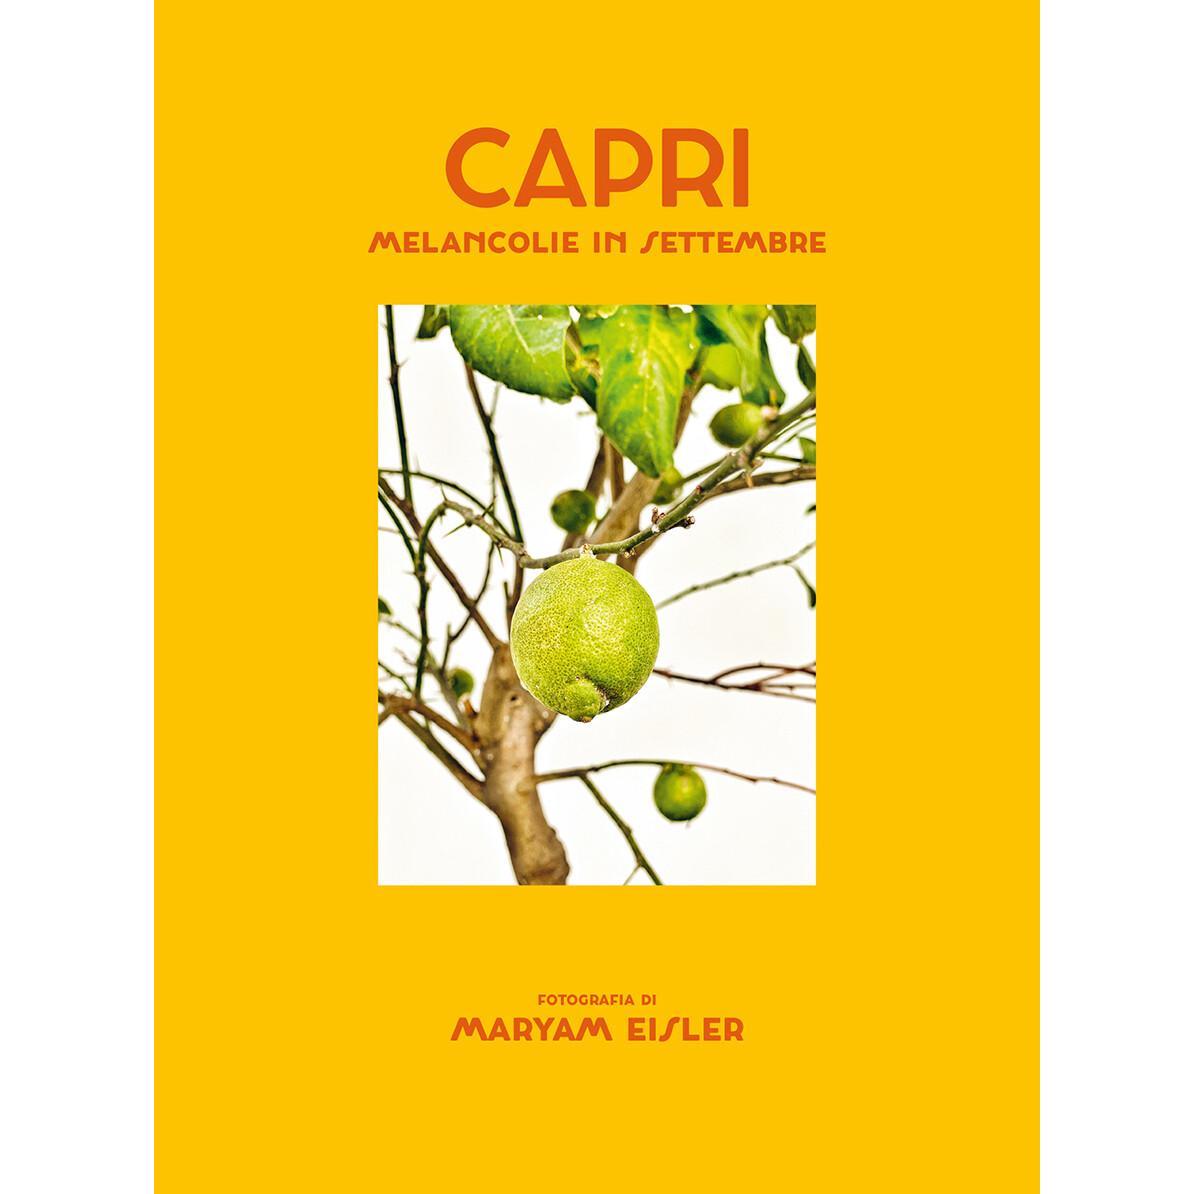 Capri – Melancolie in Settembre